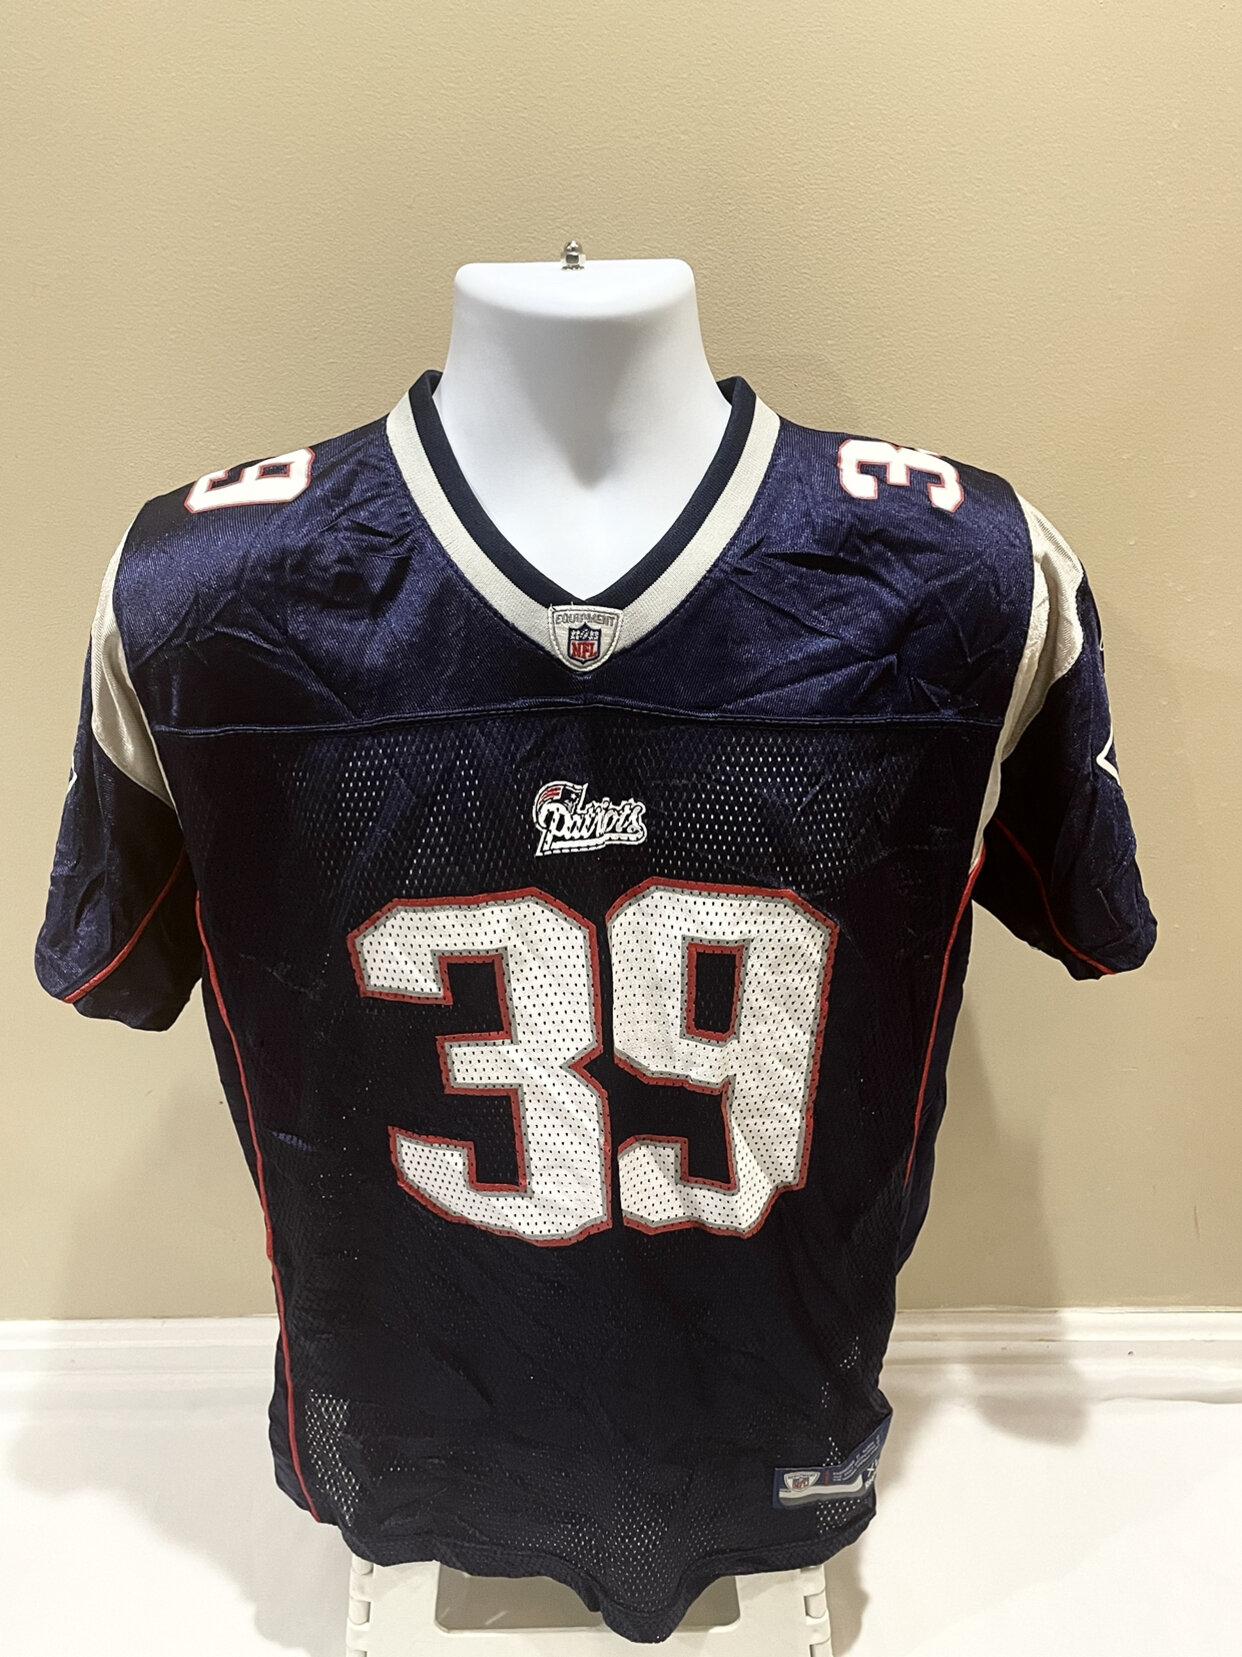 New England Patriots Danny Woodhead Reebok NFL Jersey